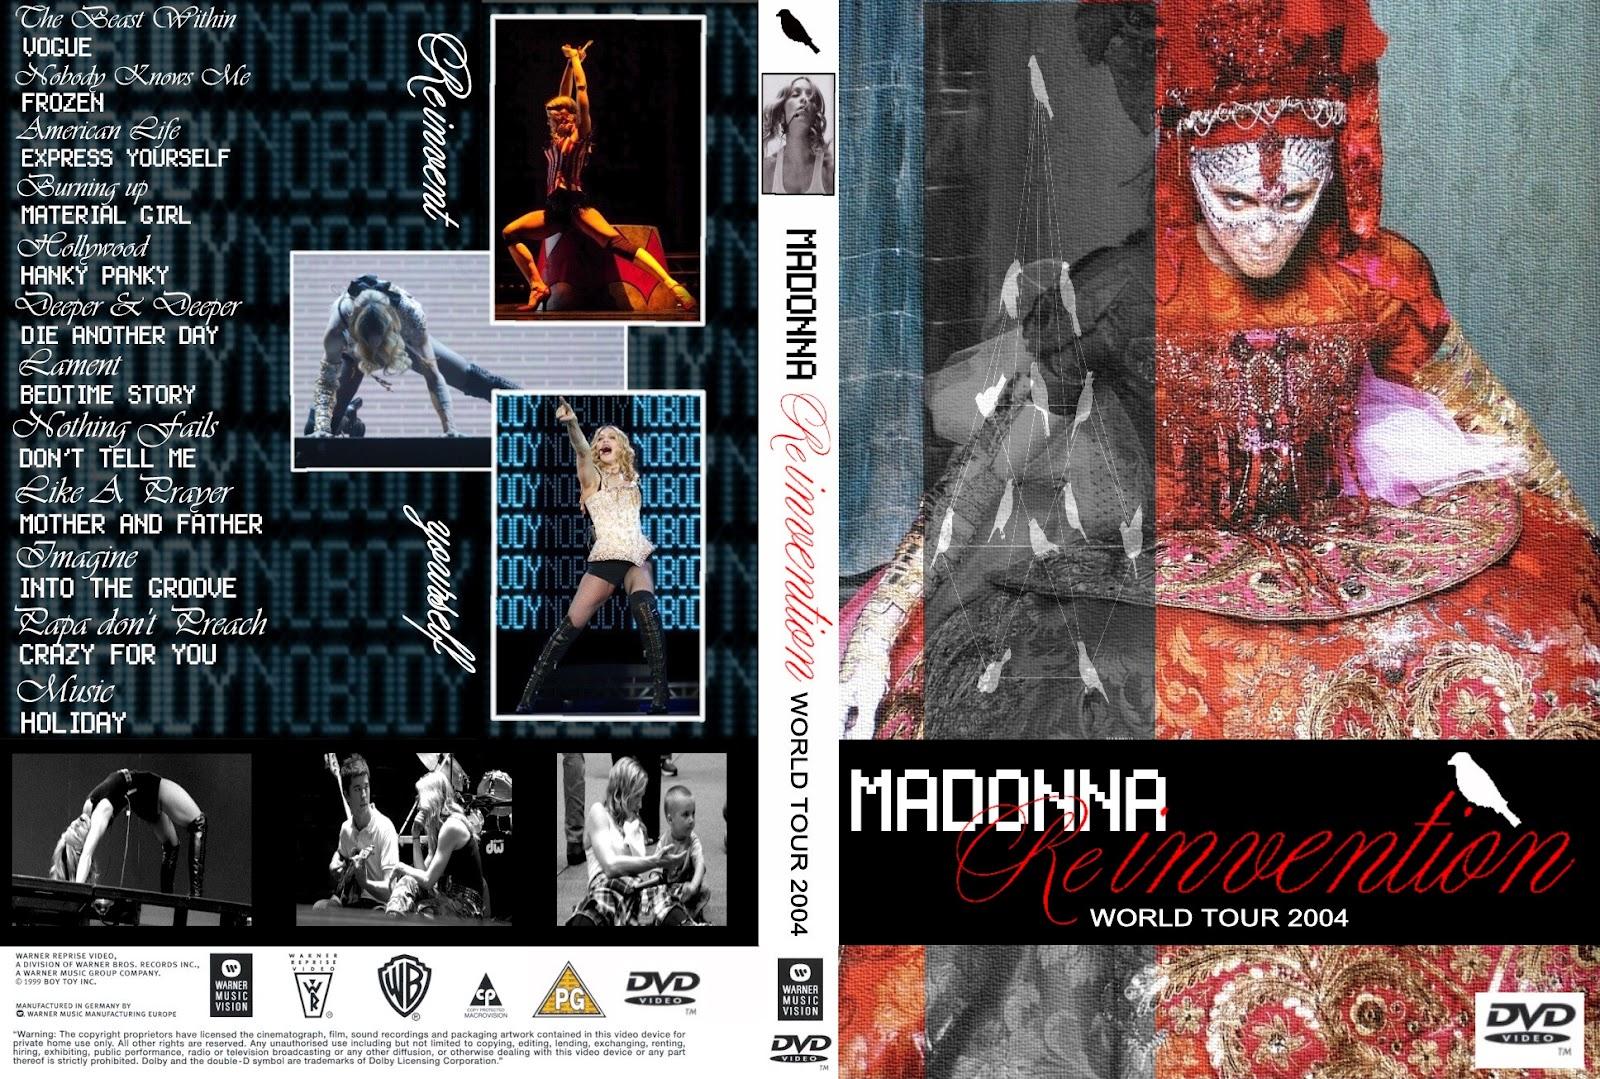 http://1.bp.blogspot.com/-7etE86WowKg/UDzontDegZI/AAAAAAAAP2Y/qvbR9VED7R4/s1600/RIT+DVD+5.jpg